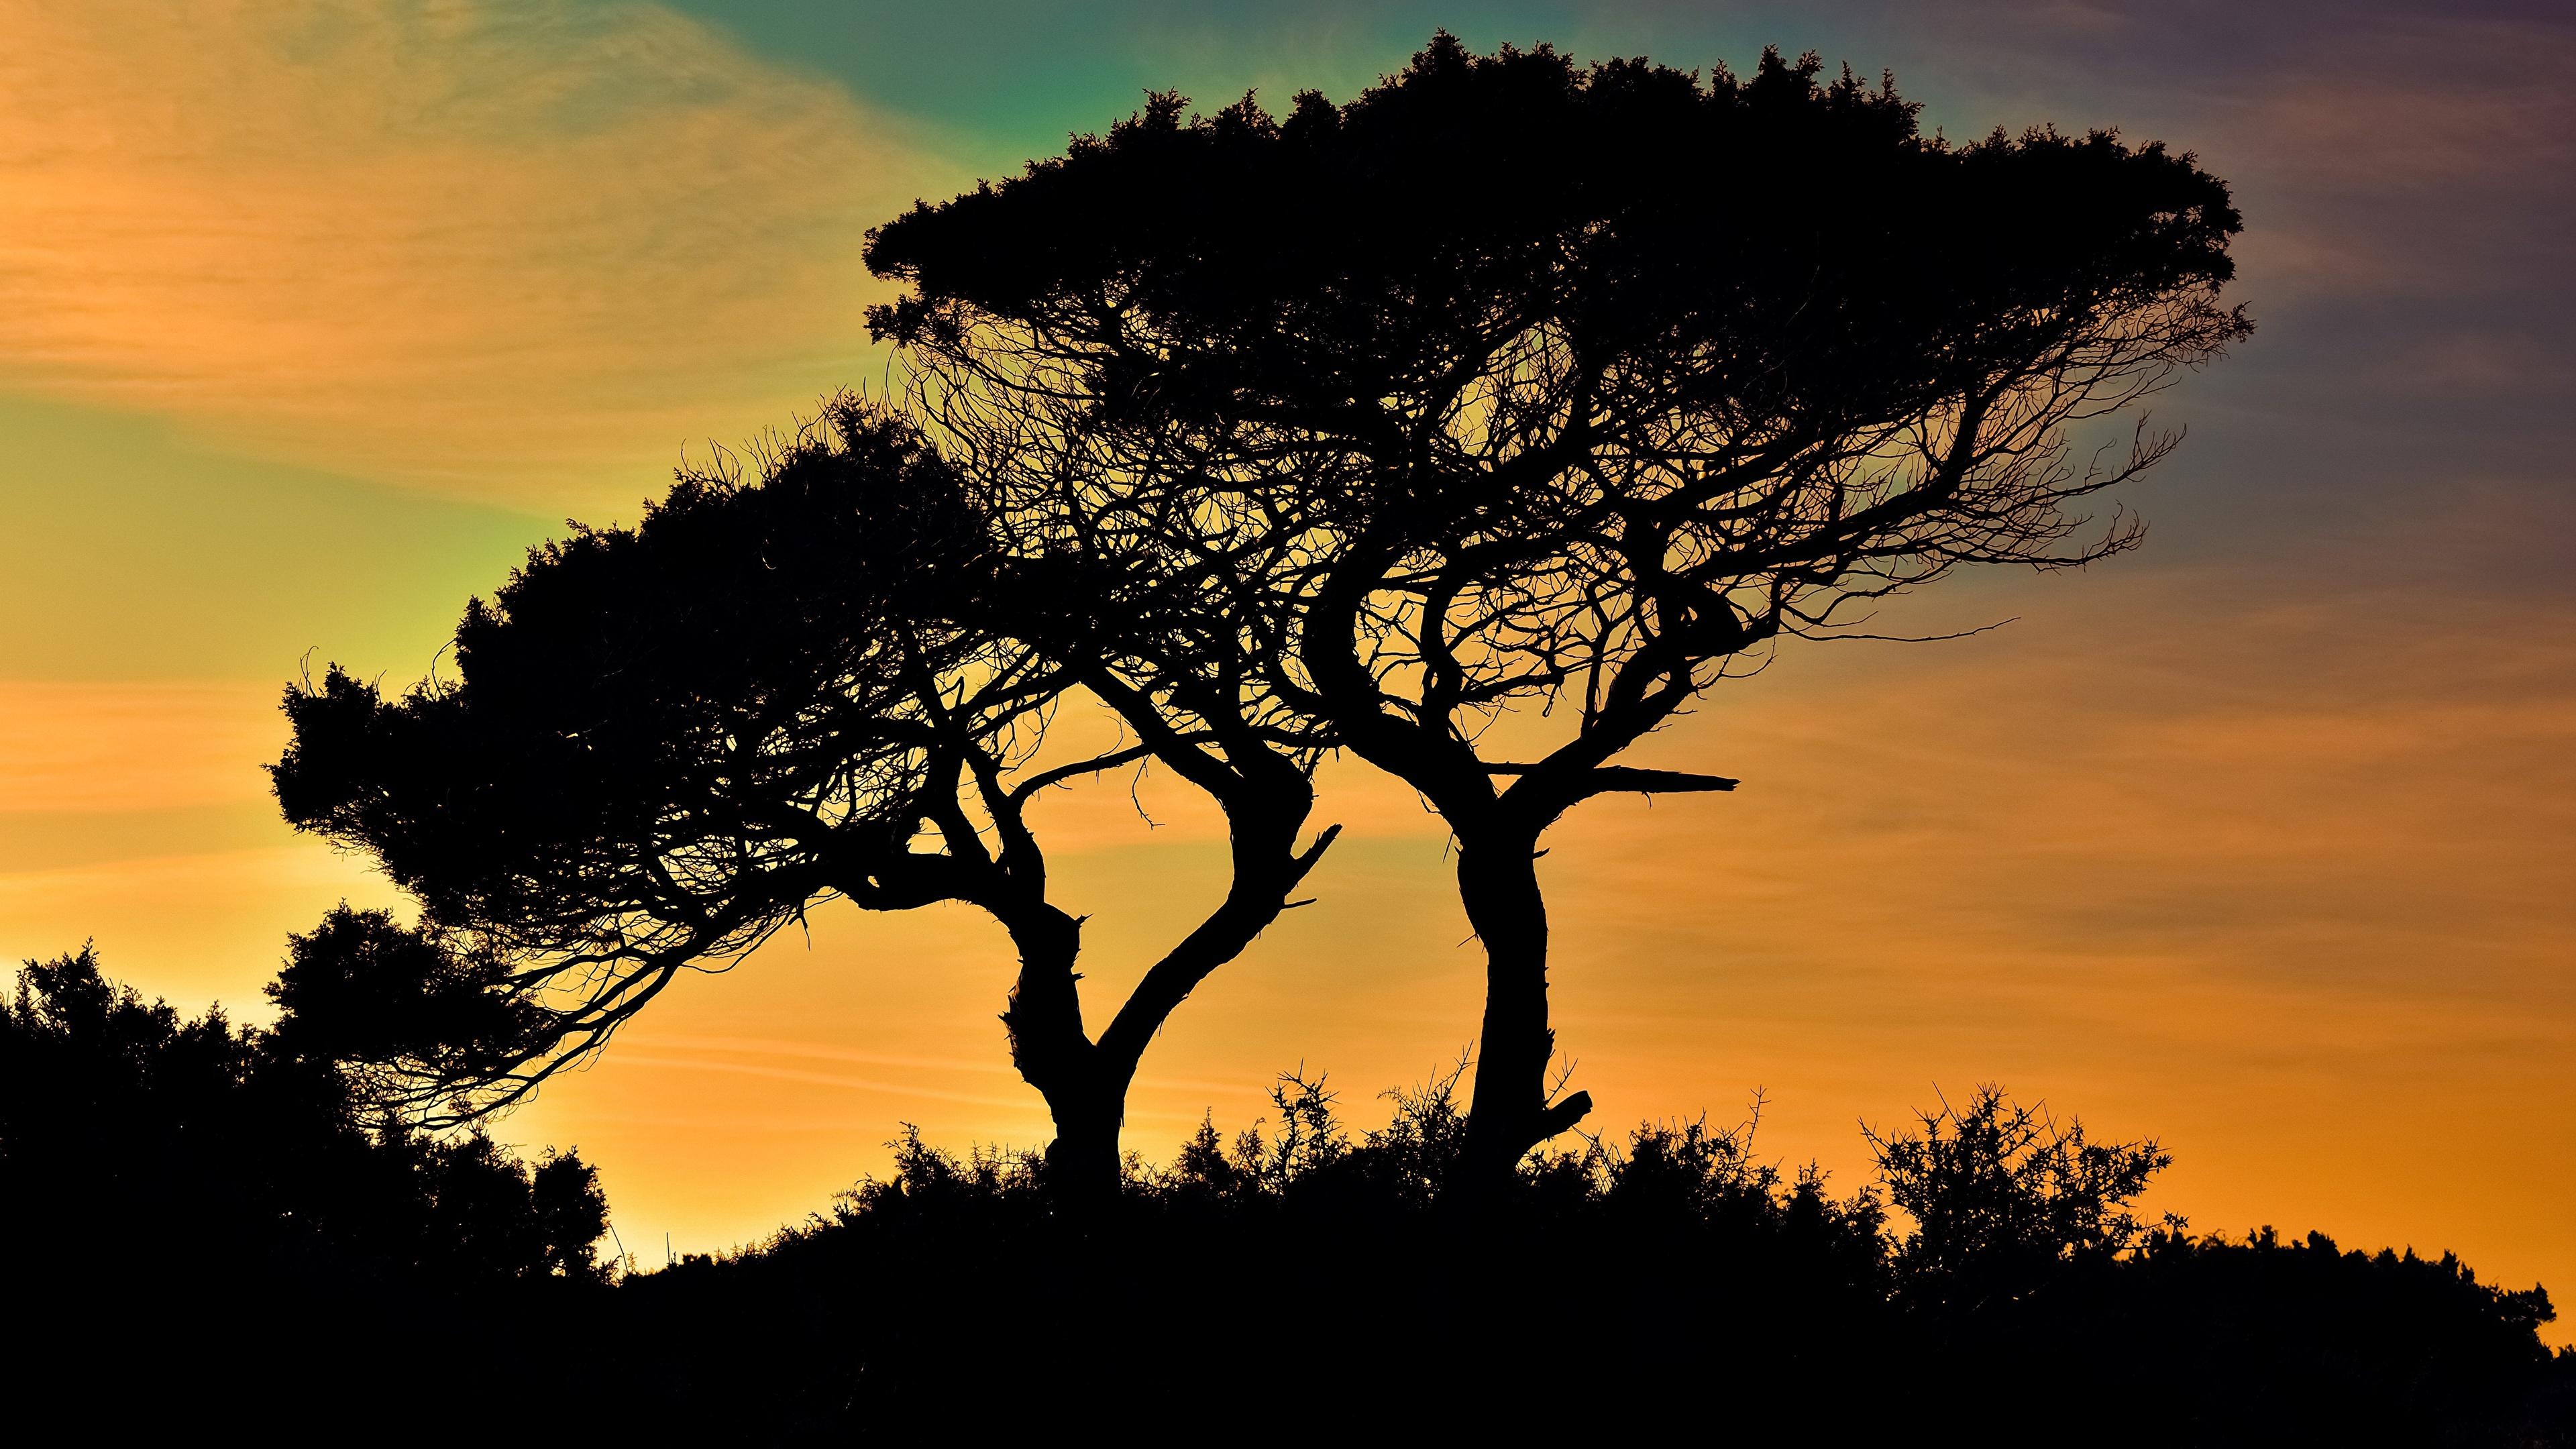 Фото Республика Кипр силуэты Cavo Greco Природа Деревья 3840x2160 Силуэт силуэта дерево дерева деревьев